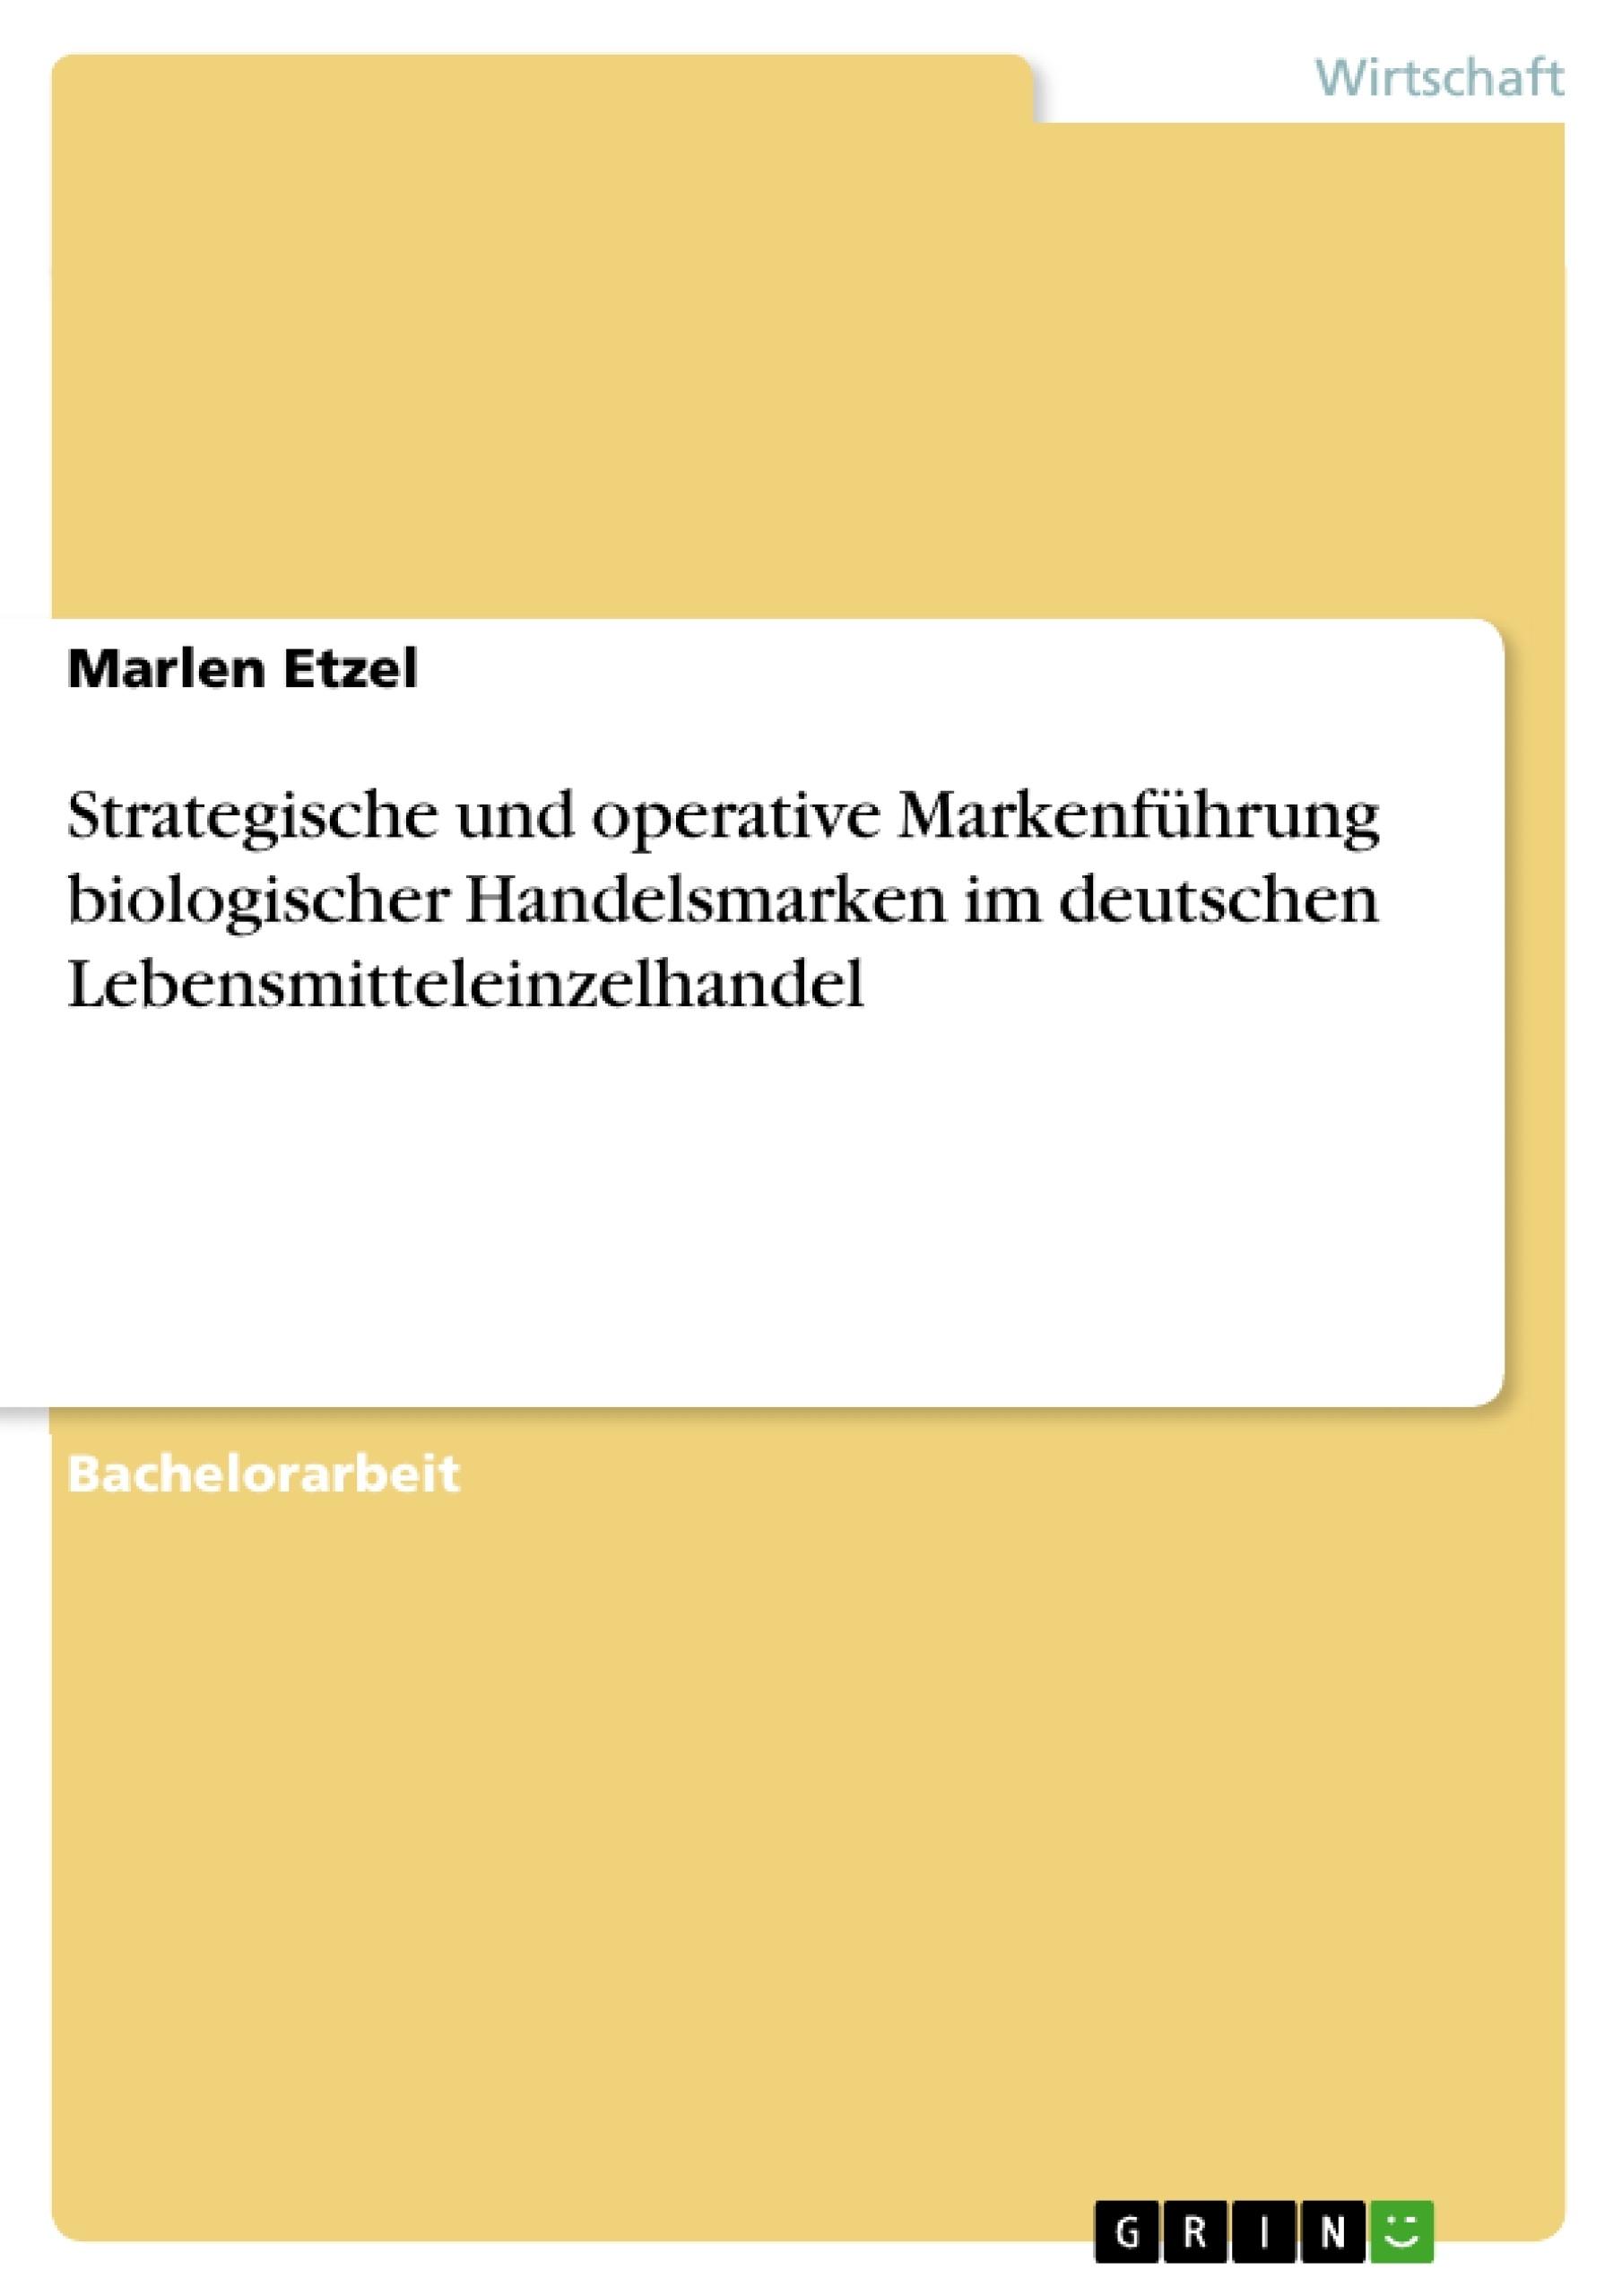 Titel: Strategische und operative Markenführung biologischer Handelsmarken im deutschen Lebensmitteleinzelhandel